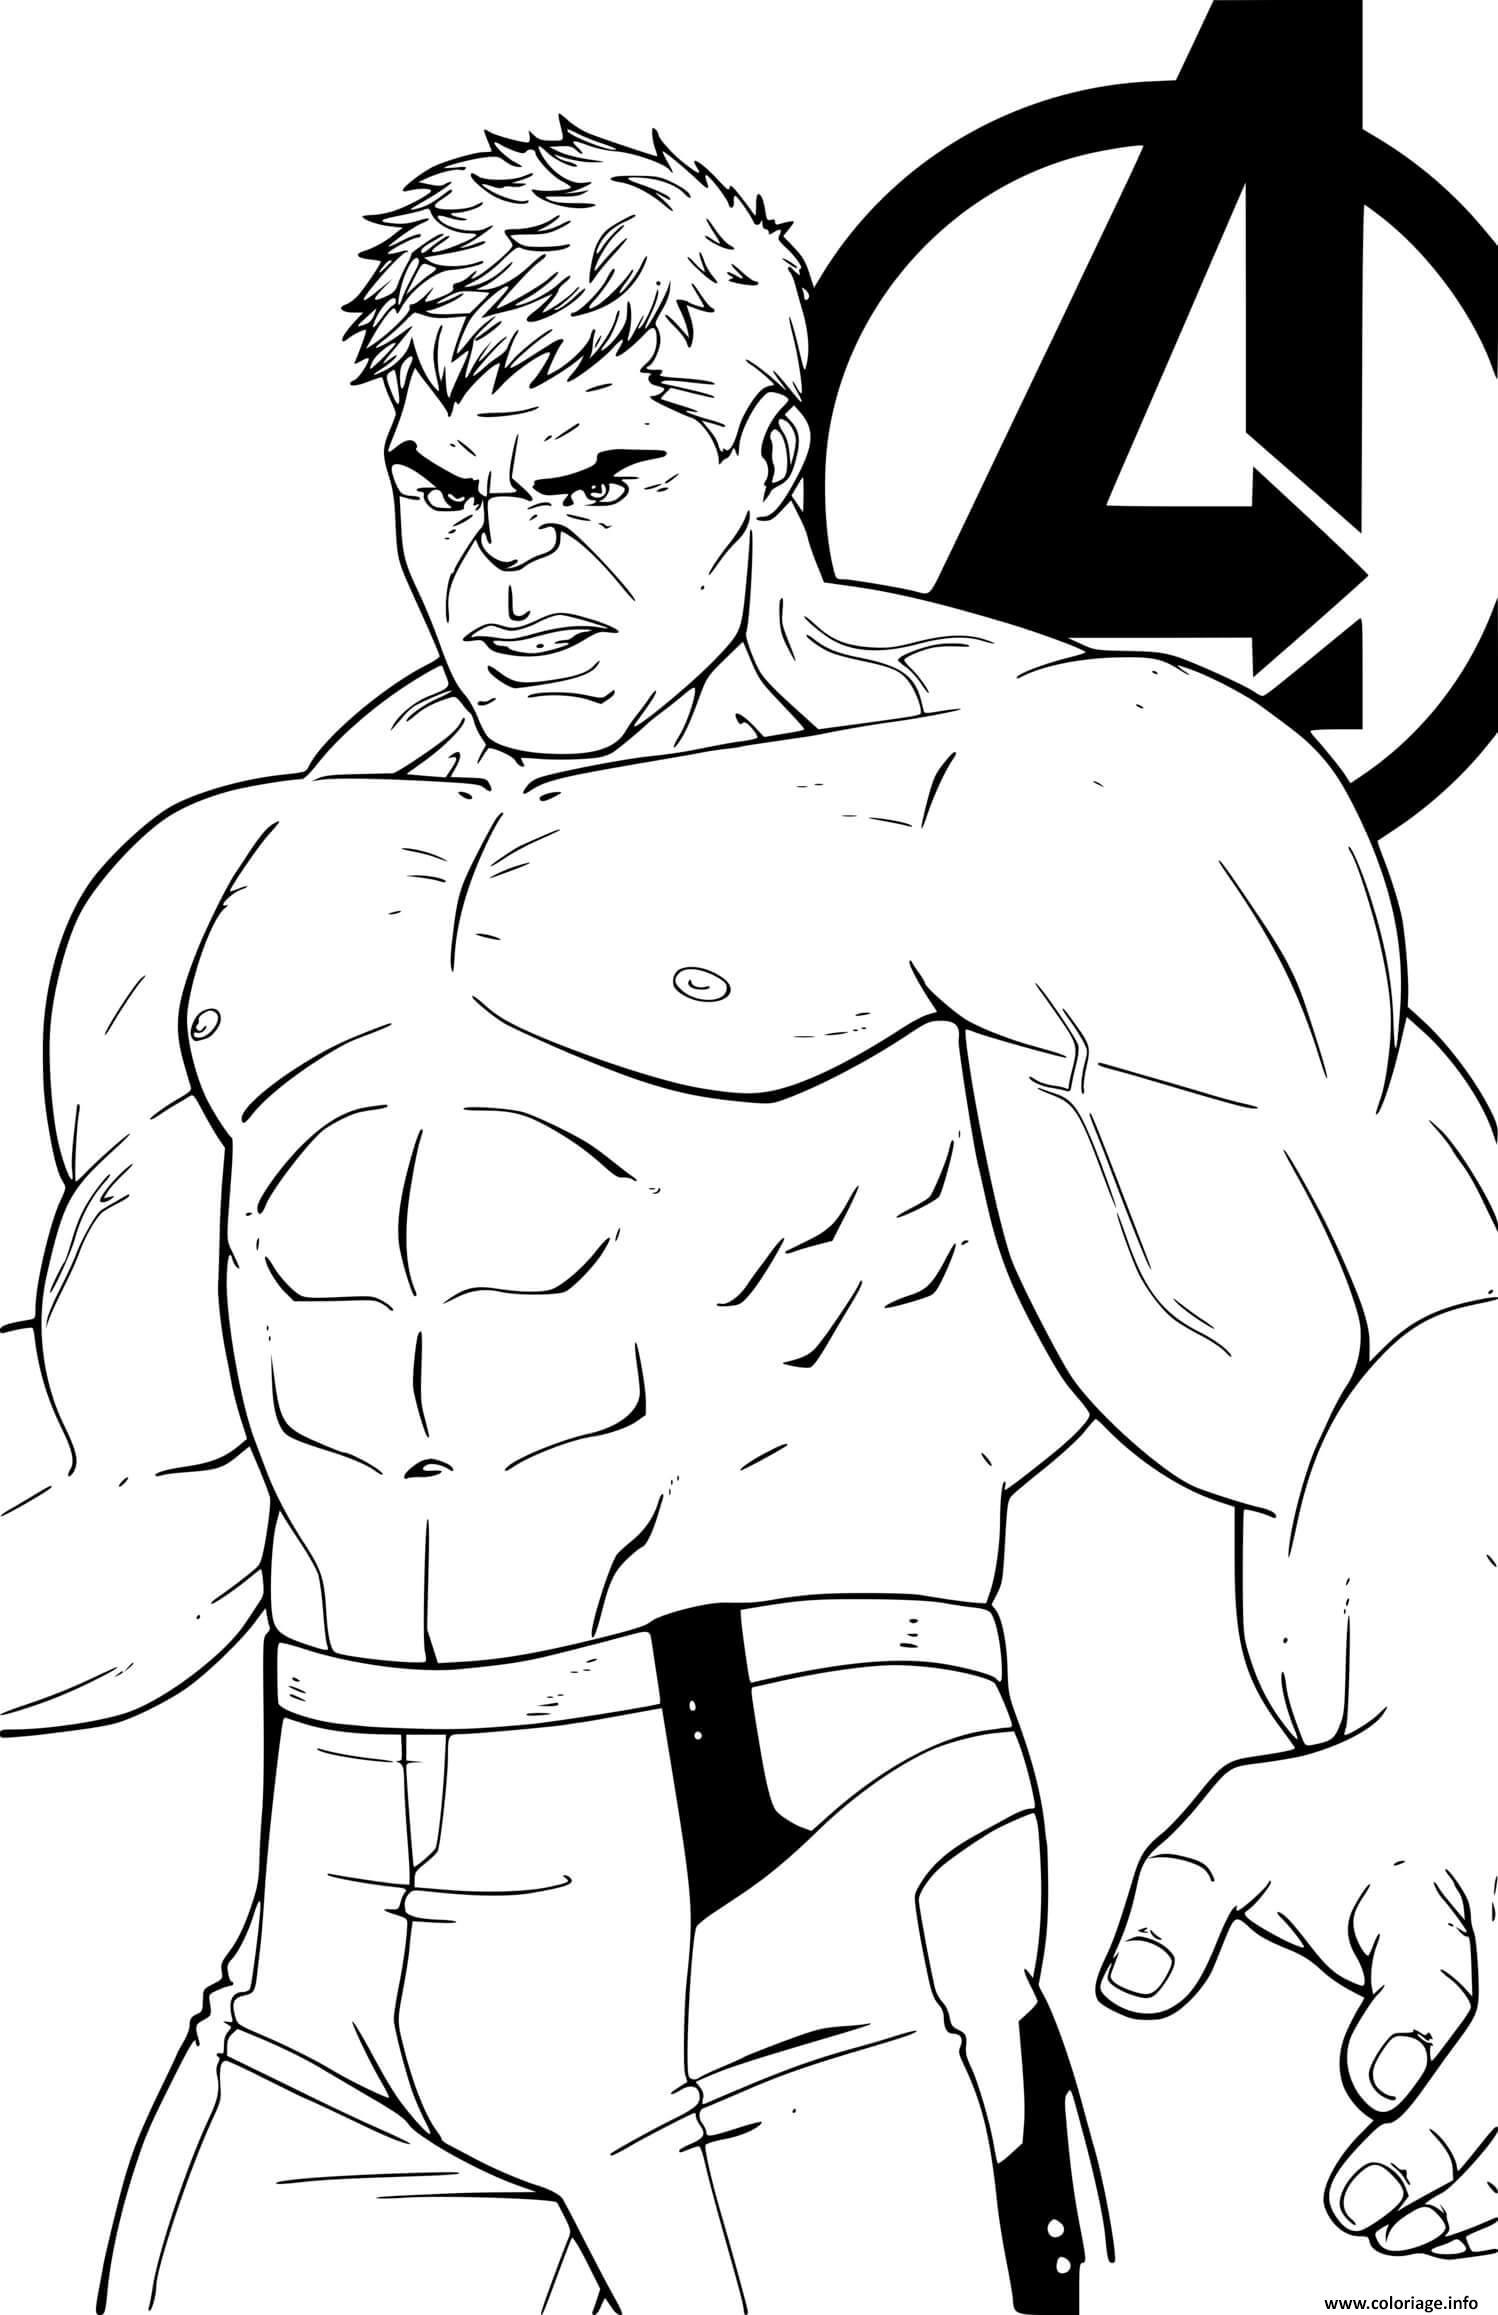 Dessin hulk avengers endgame Coloriage Gratuit à Imprimer